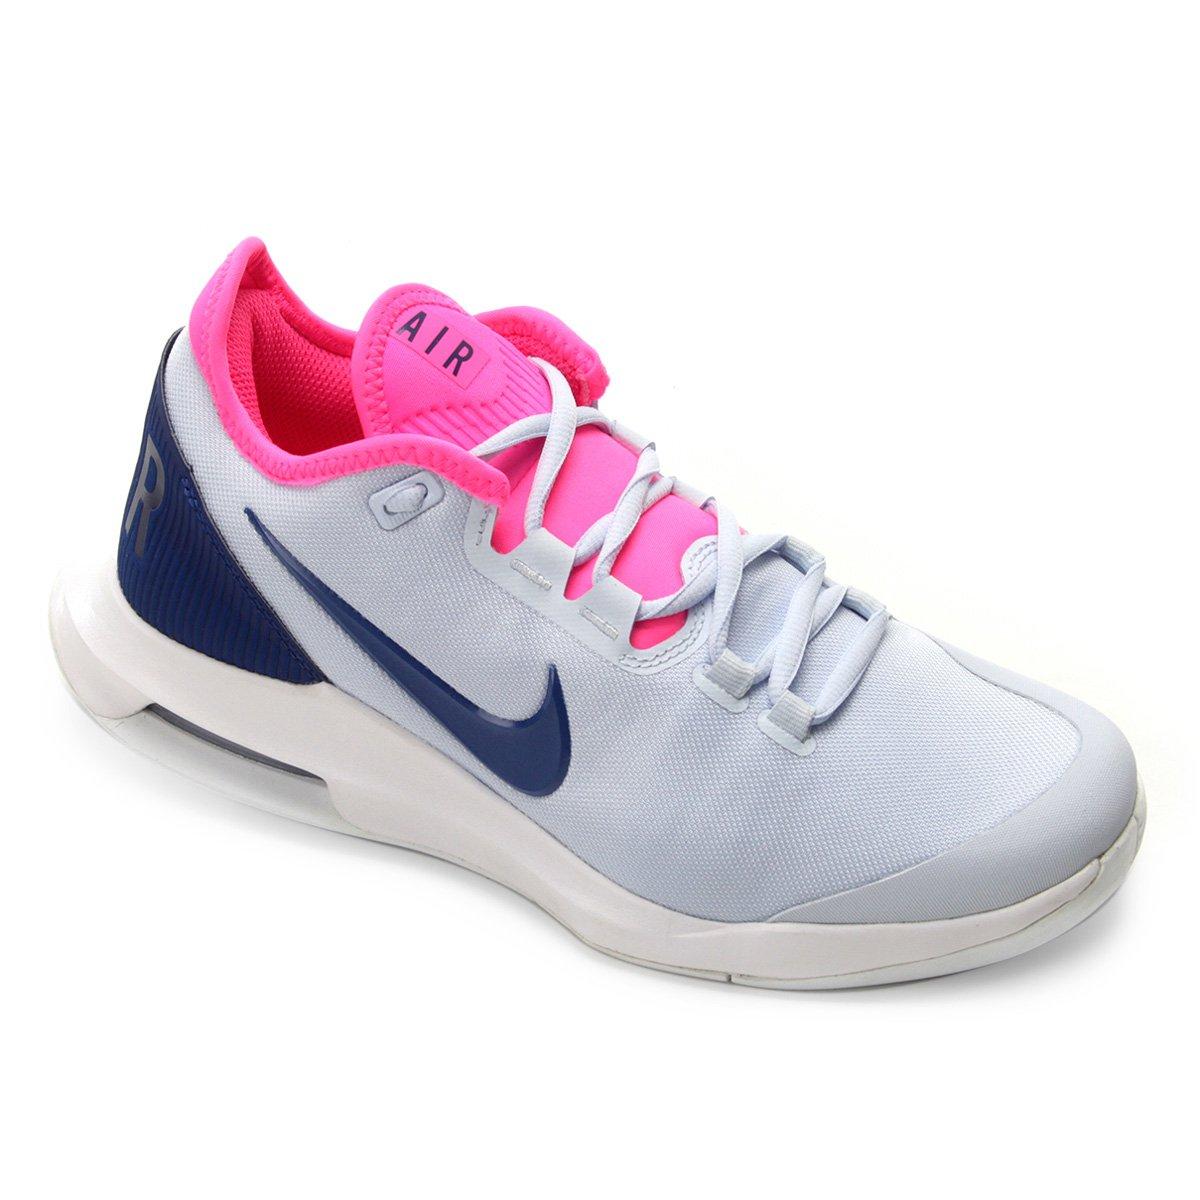 de7528e07cc70 Tênis Nike Air Max Wildcard HC Feminino - Azul e Pink - Compre Agora ...